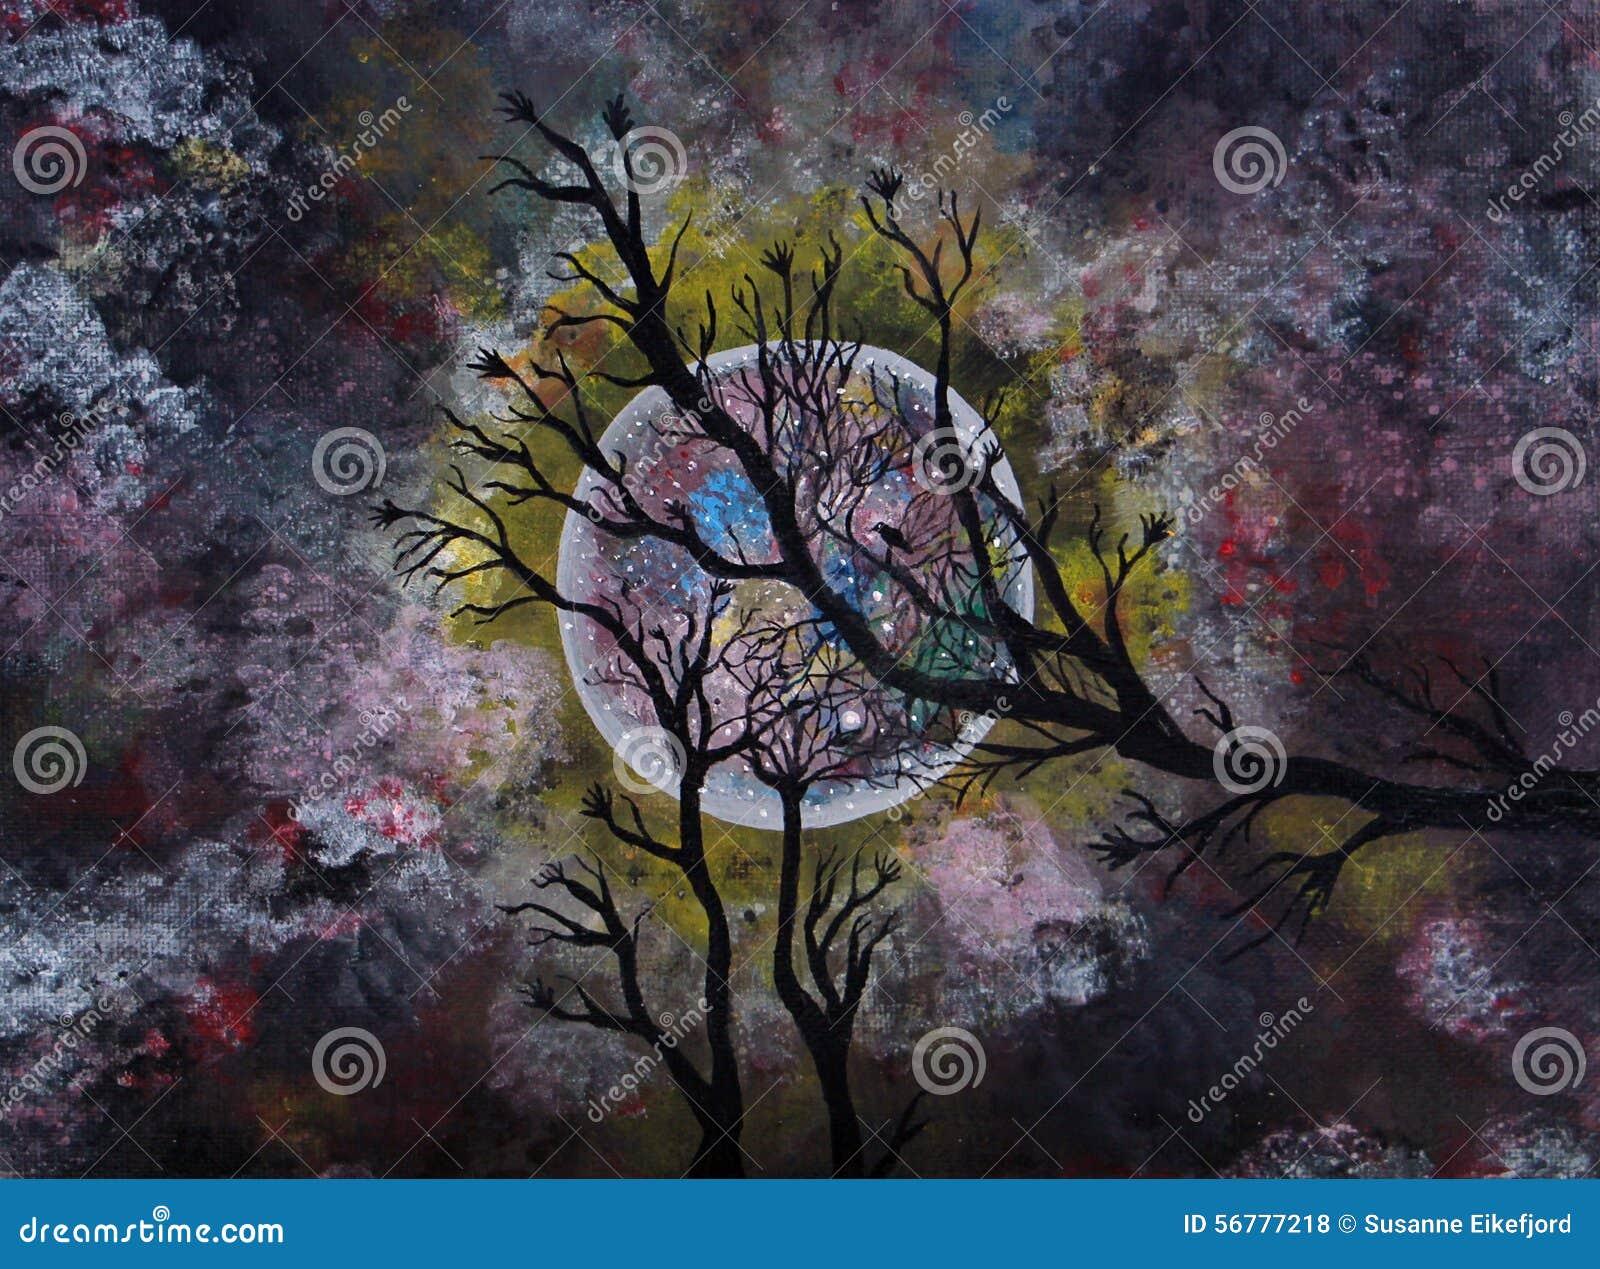 Peinture acrylique de clair de lune illustration stock image 56777218 - Achat de peinture acrylique ...